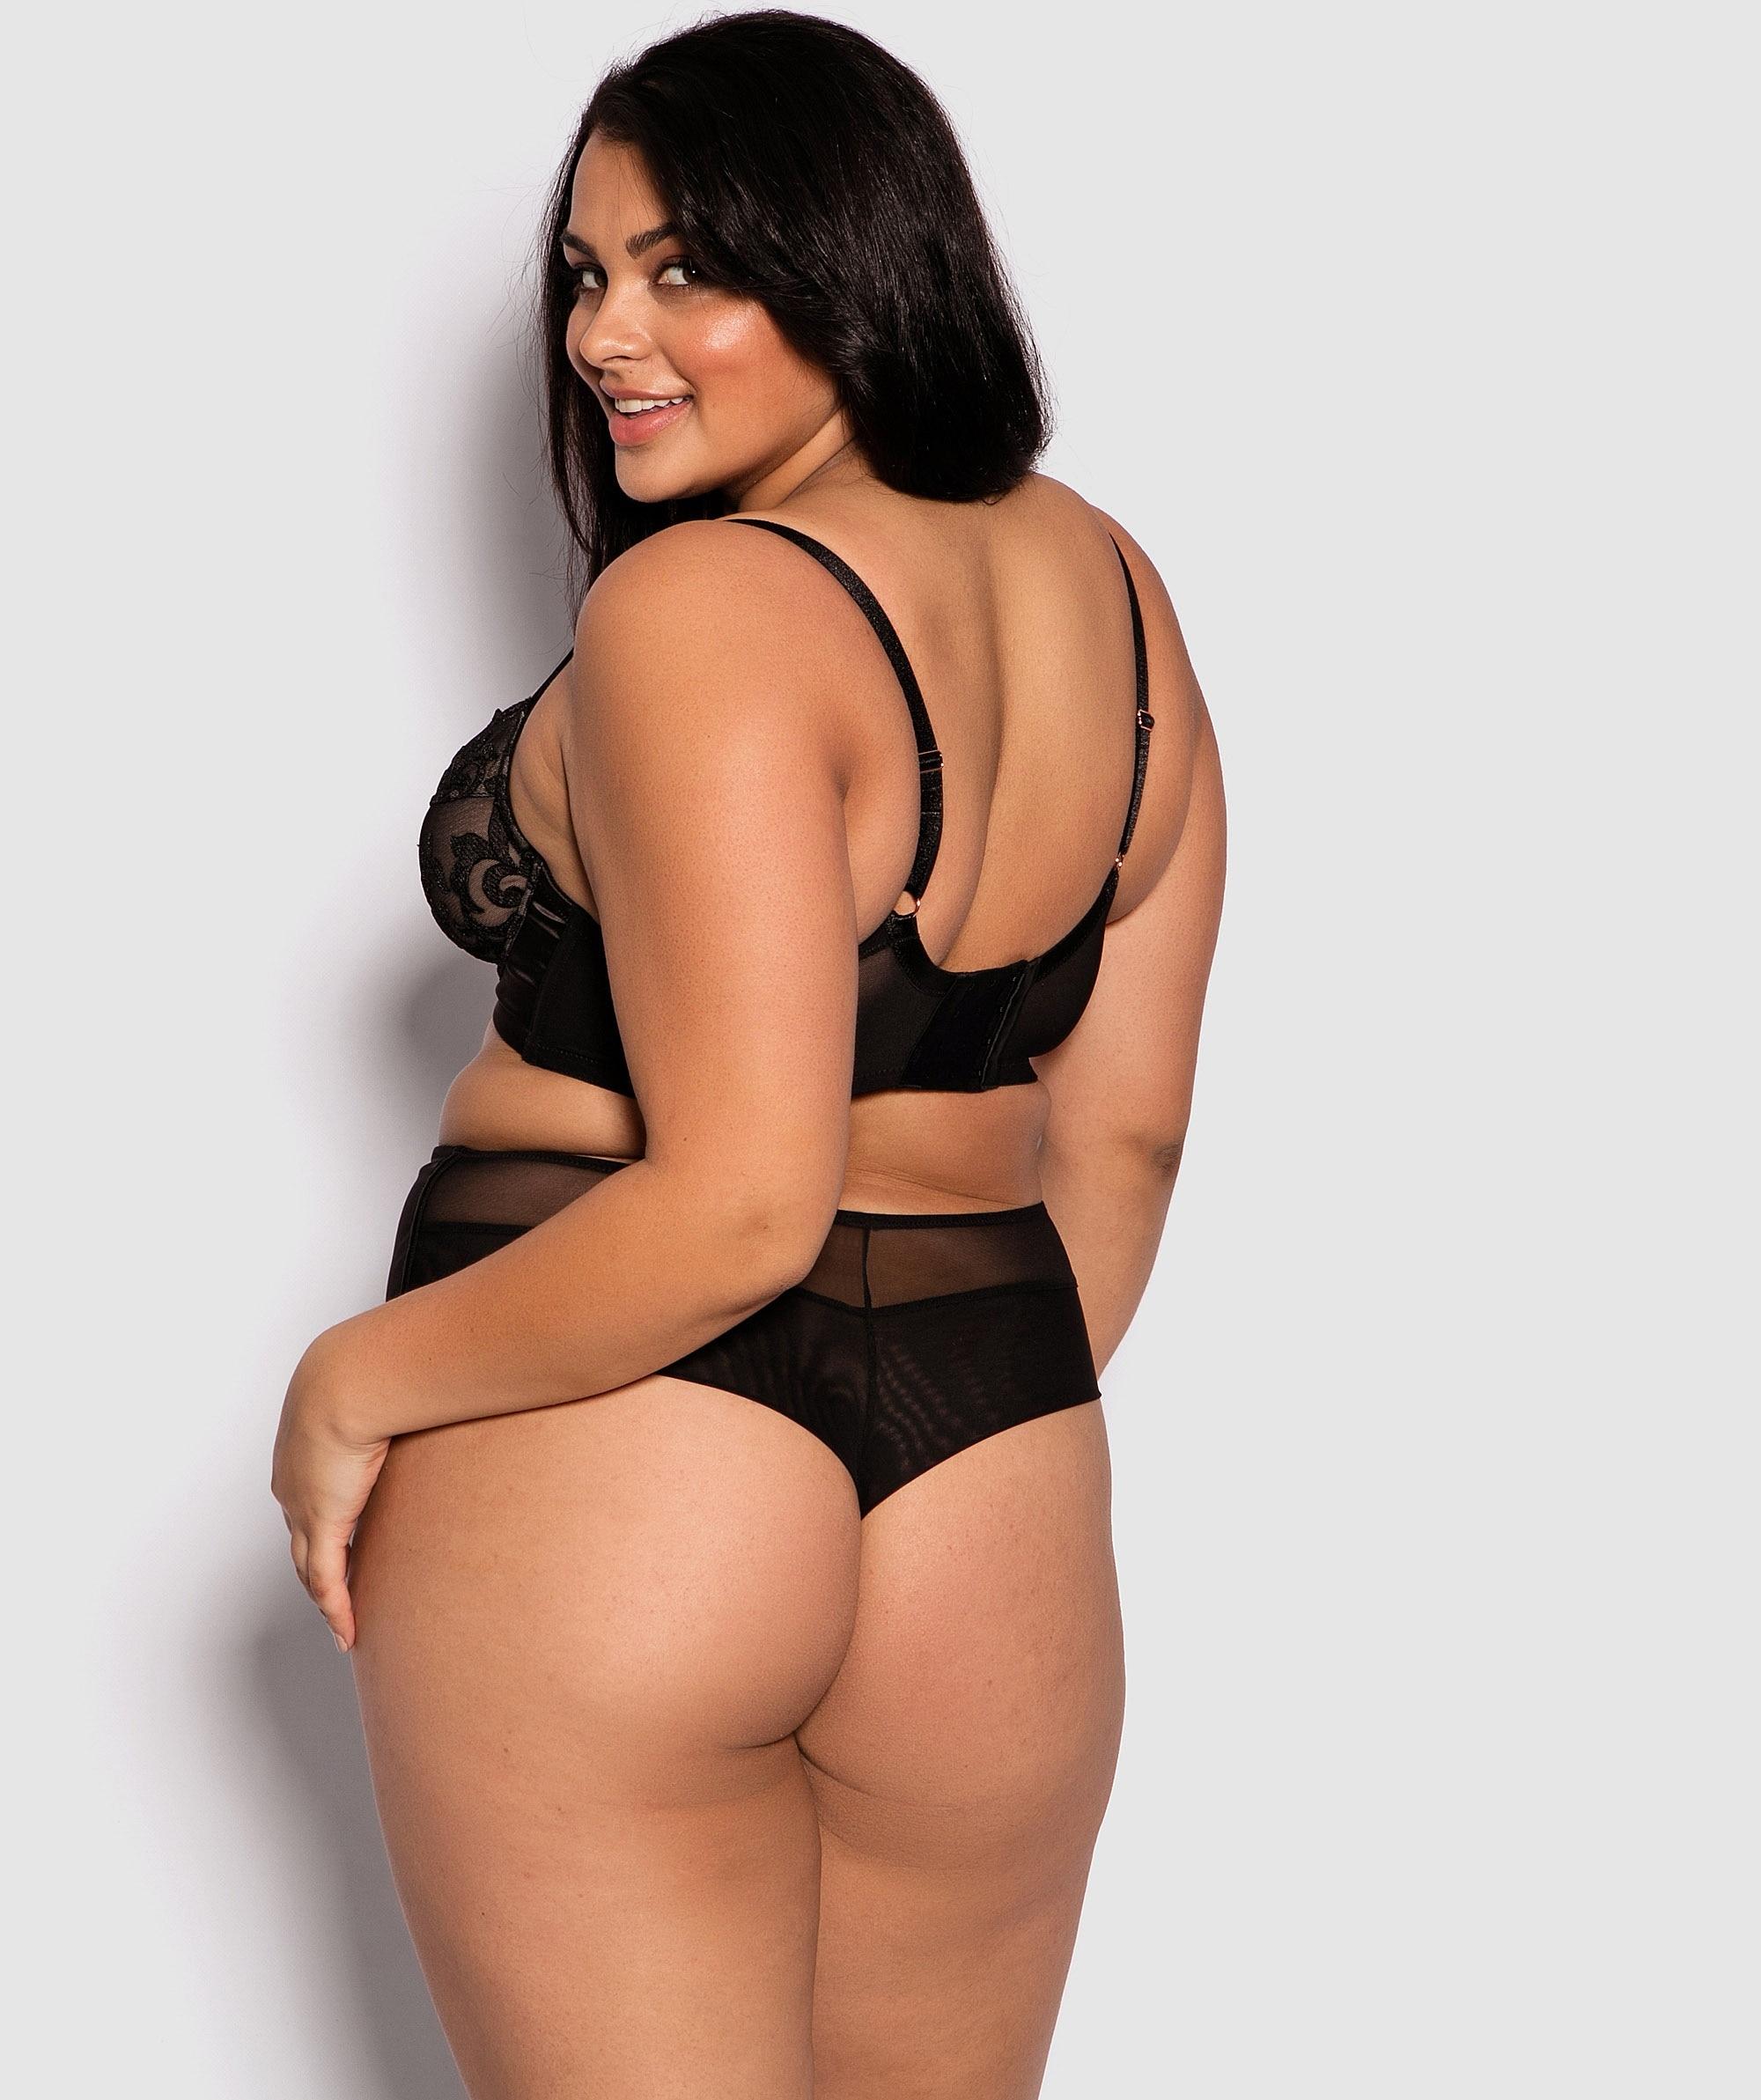 Della High Waist V String Knicker - Black/Nude